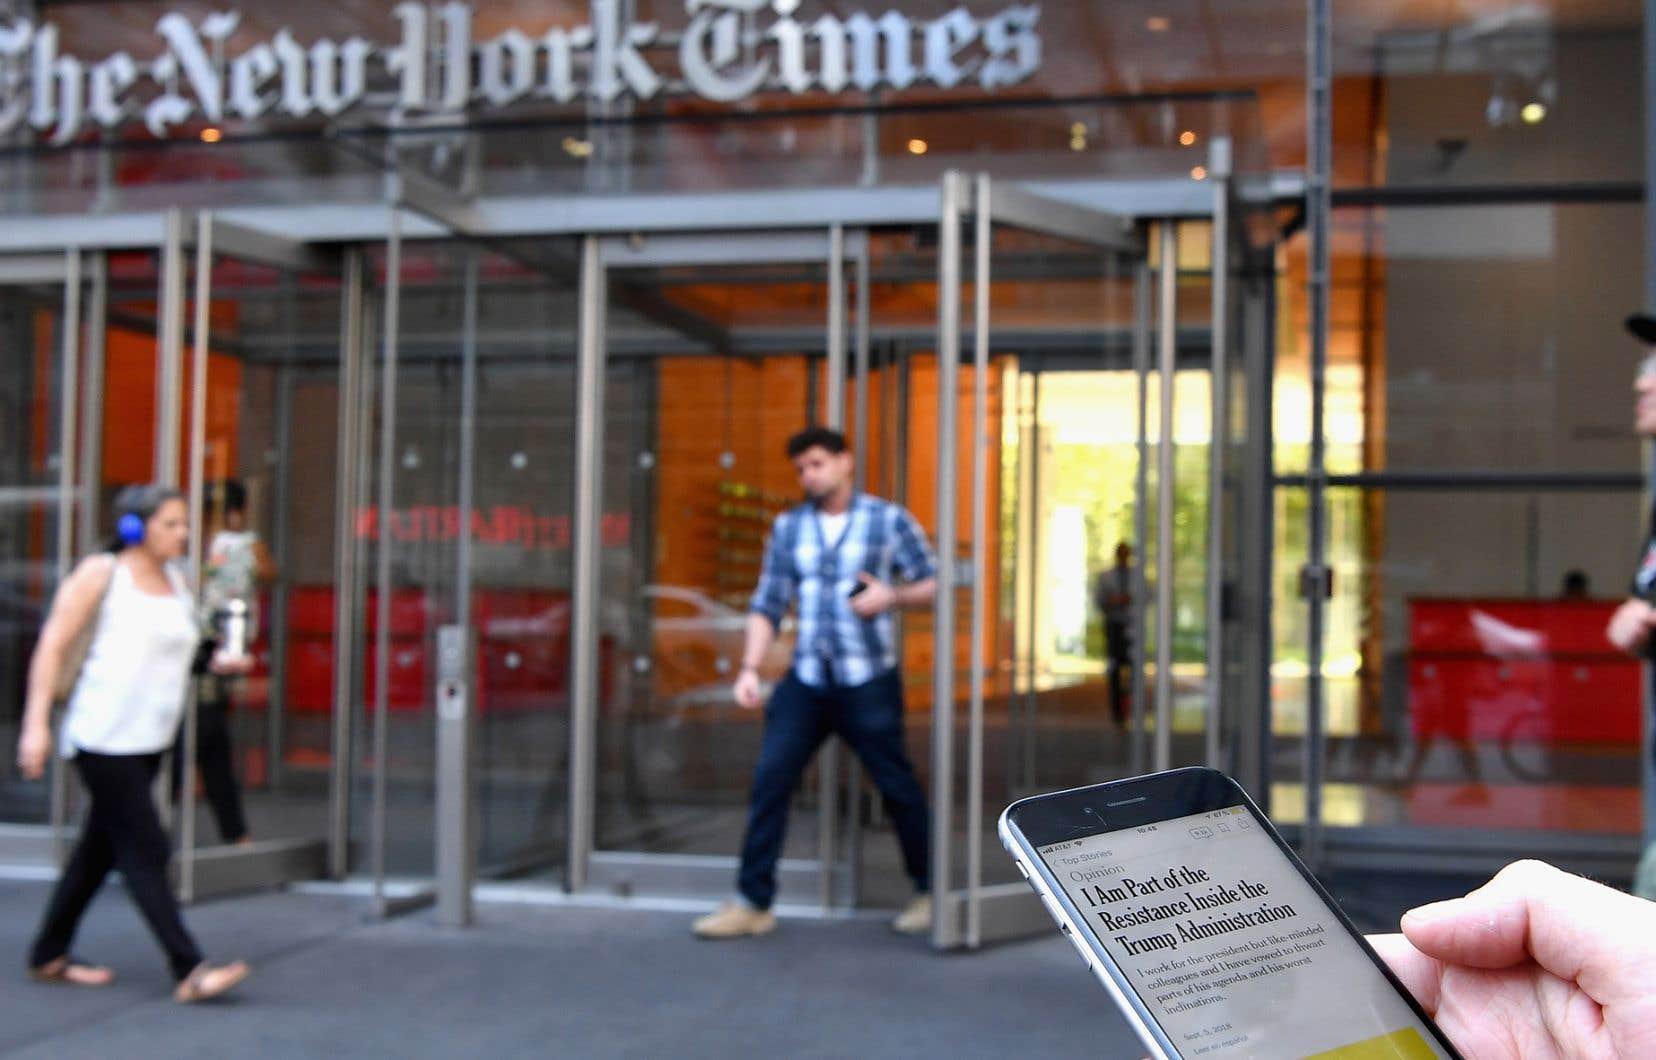 La formulation utilisée par le <em>New York Times</em>pour désigner l'auteur de la lettre anonyme est suffisamment large pour laisser libre cours à toutes les interprétations.